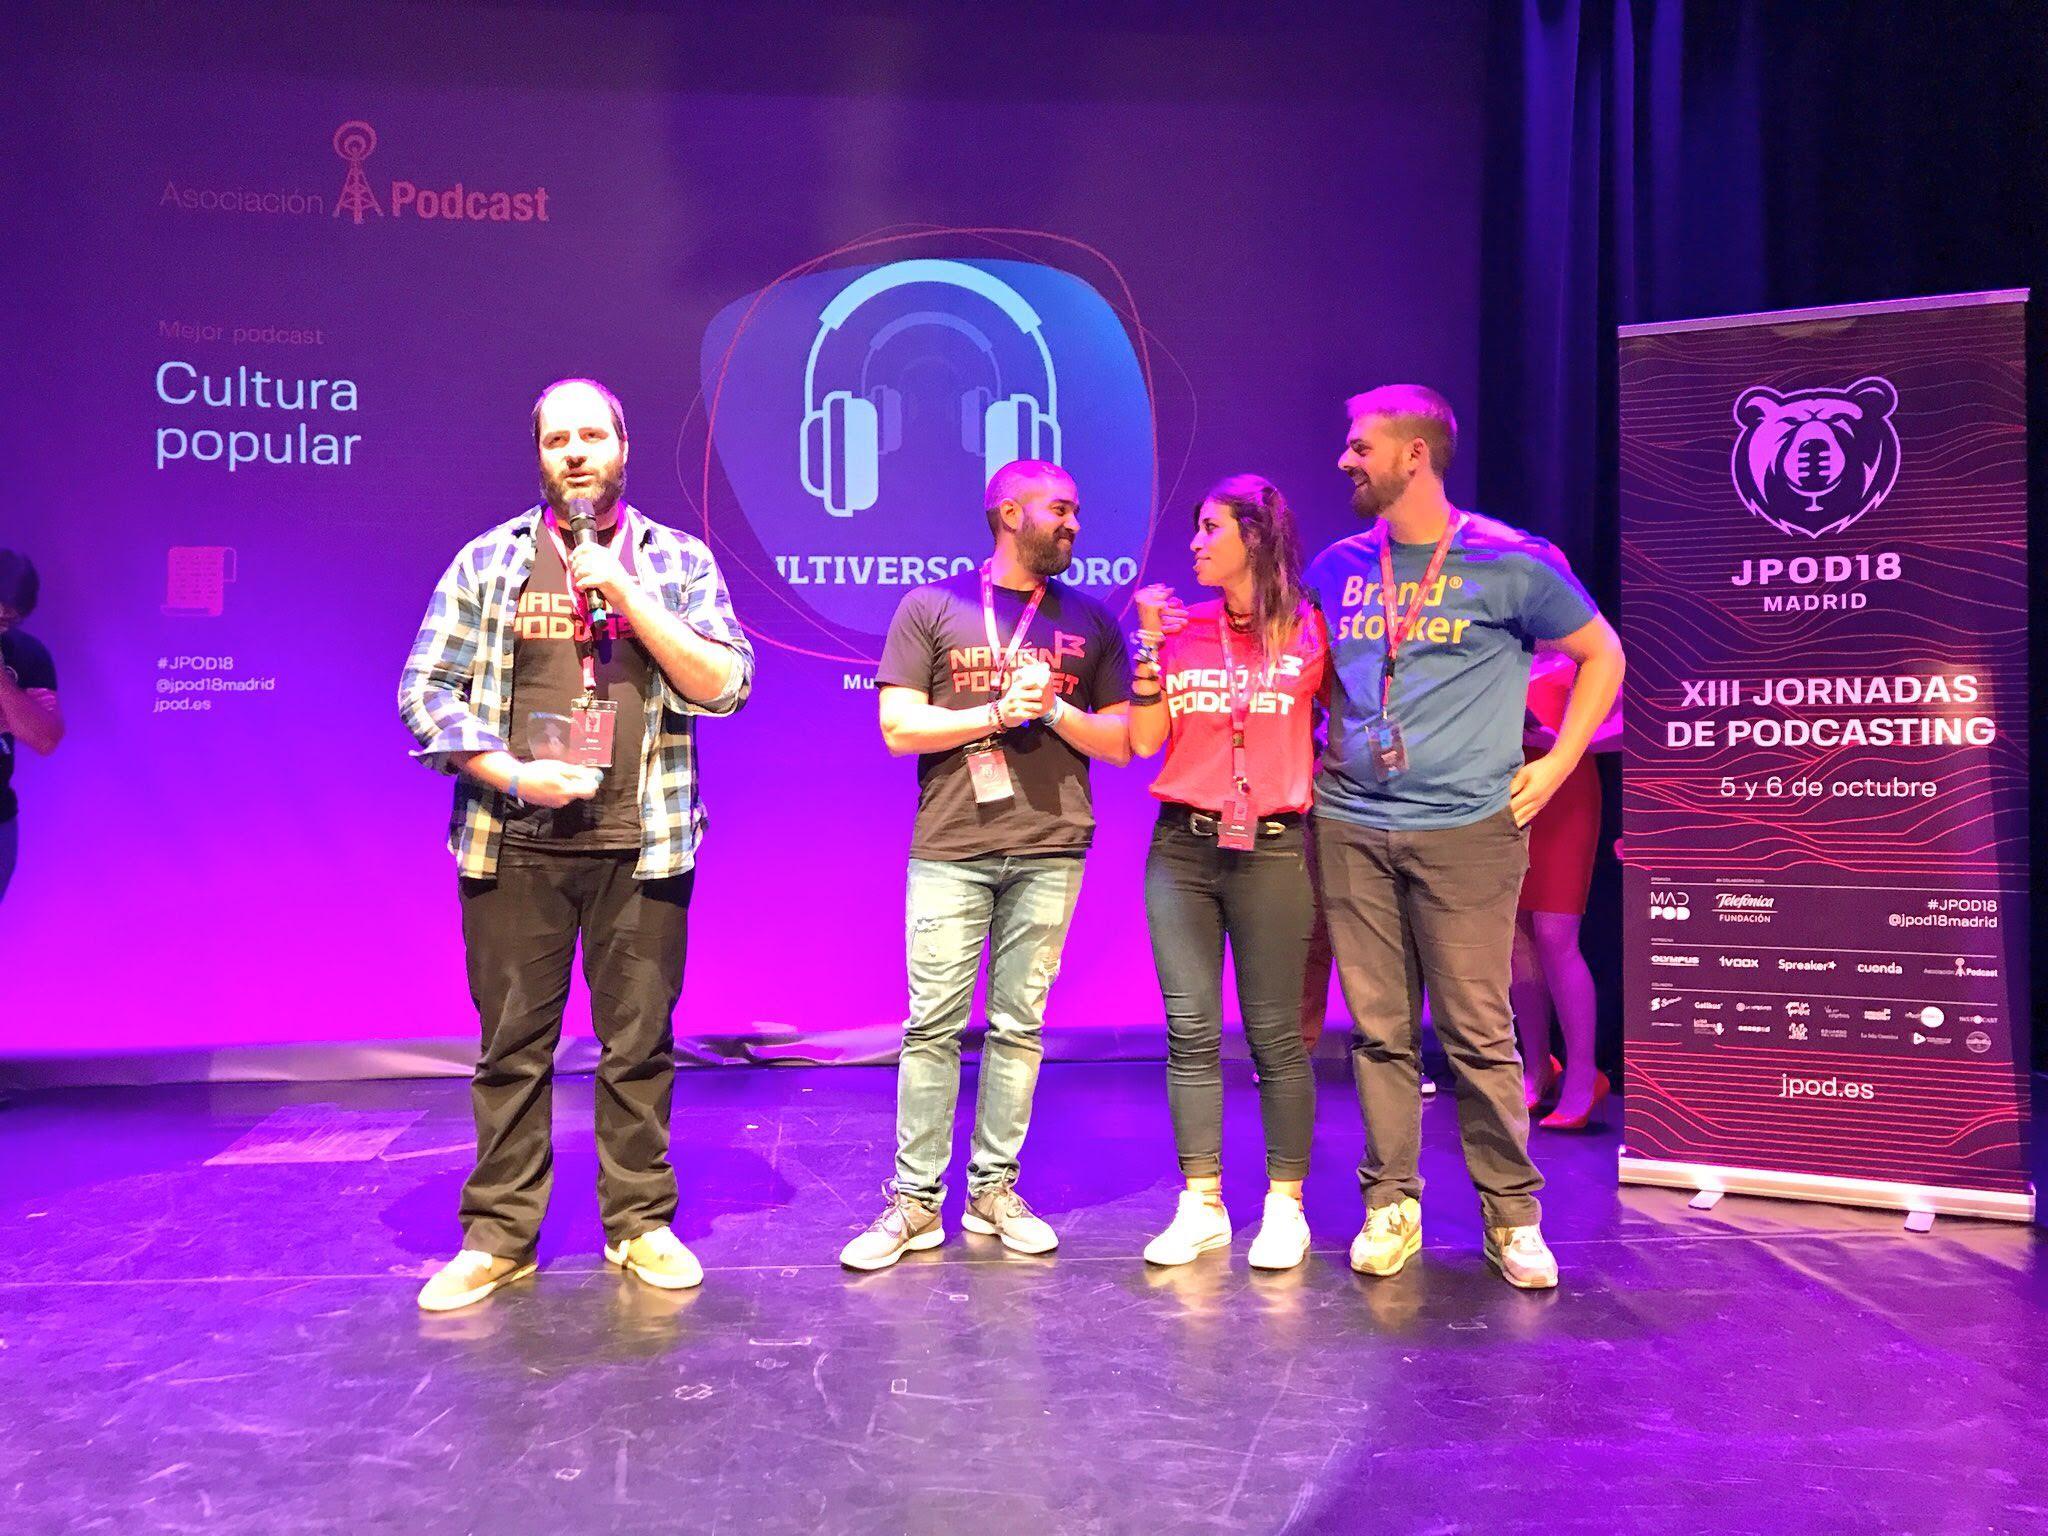 Foto: Alfonso Buenavista - Multiverso Sonoro, ganadores del premio al Mejor Podcast de Cultura Popular 2018 en la IX Edición de los premios de la Asociación Podcast.